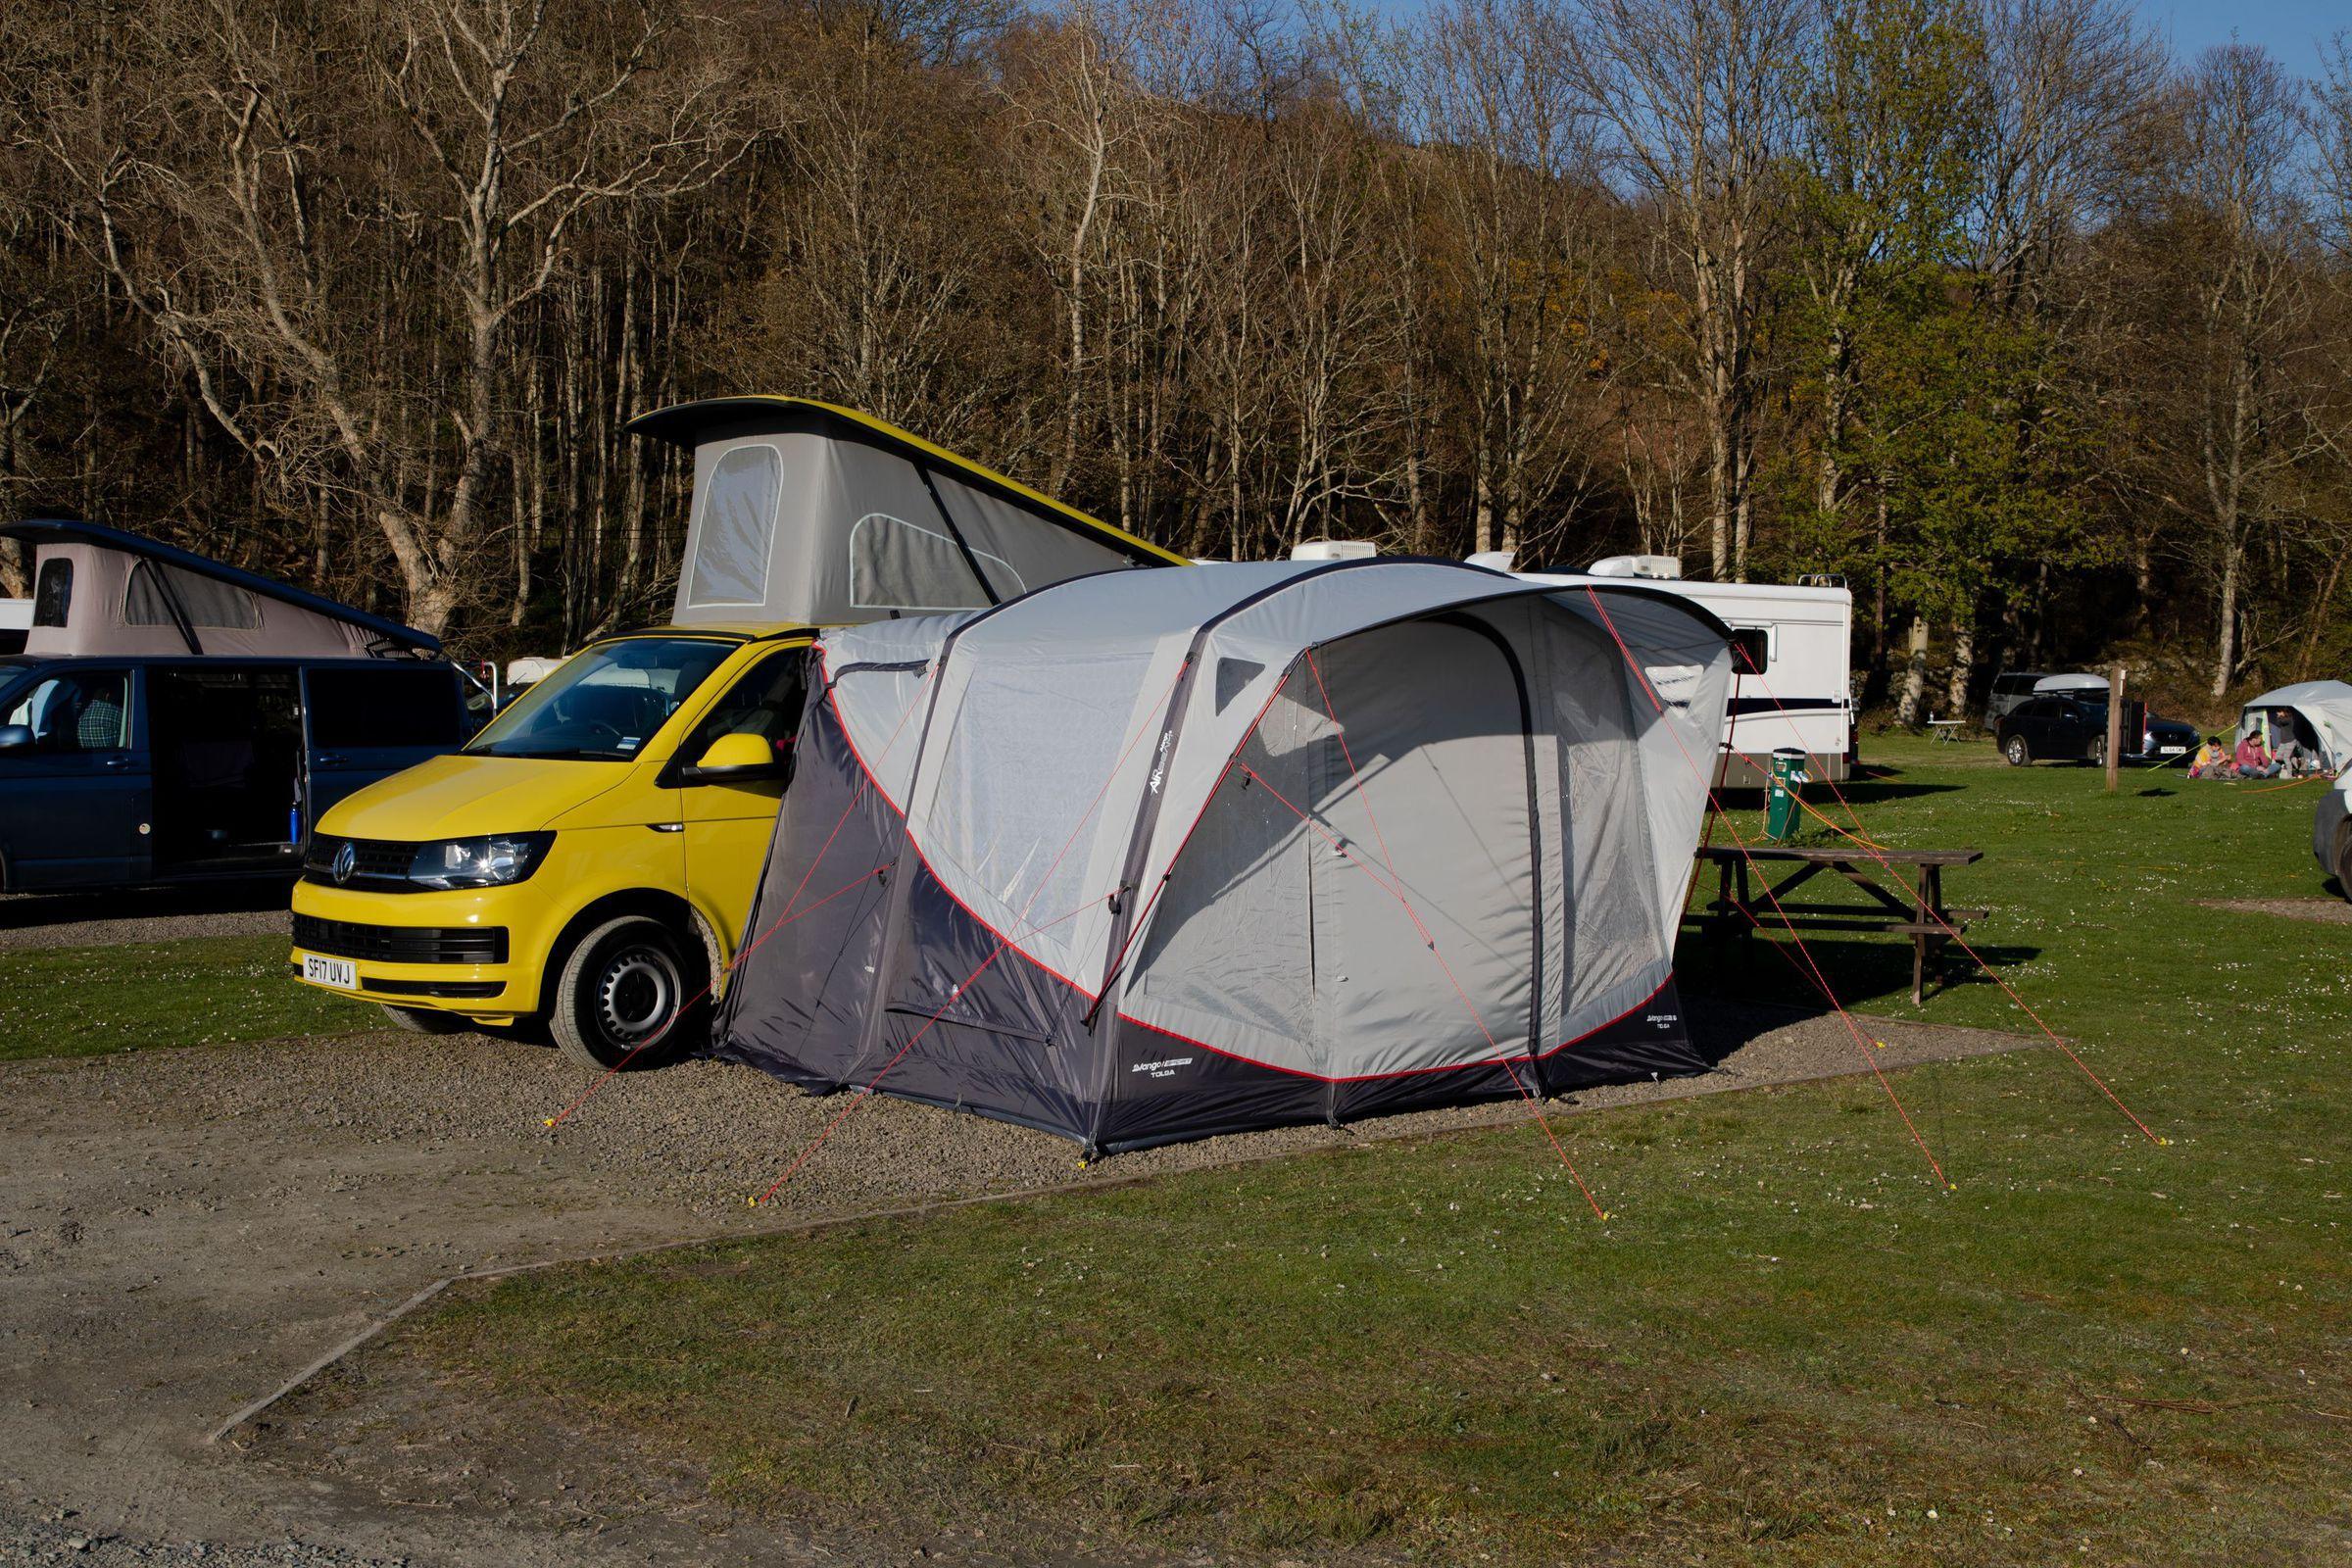 Vango Tolga Vw Low Driveaway Awning Norwich Camping8